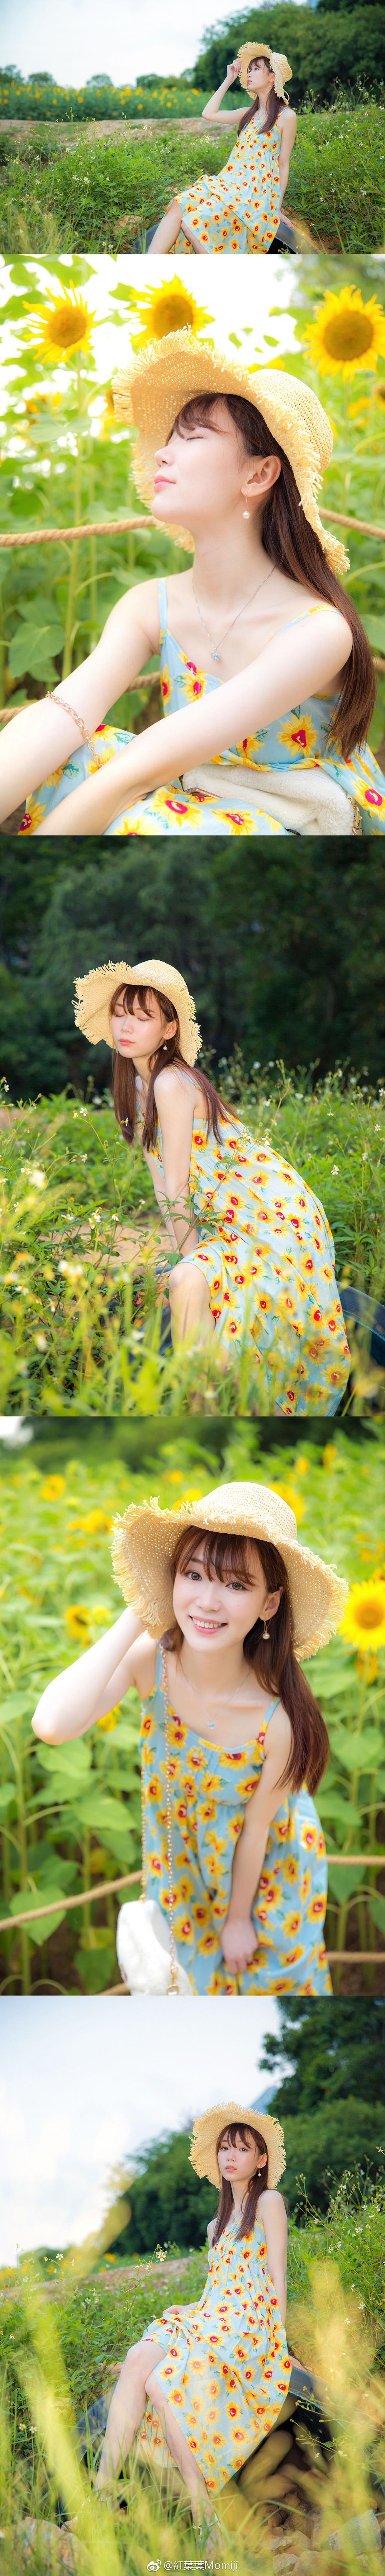 向日葵插图7